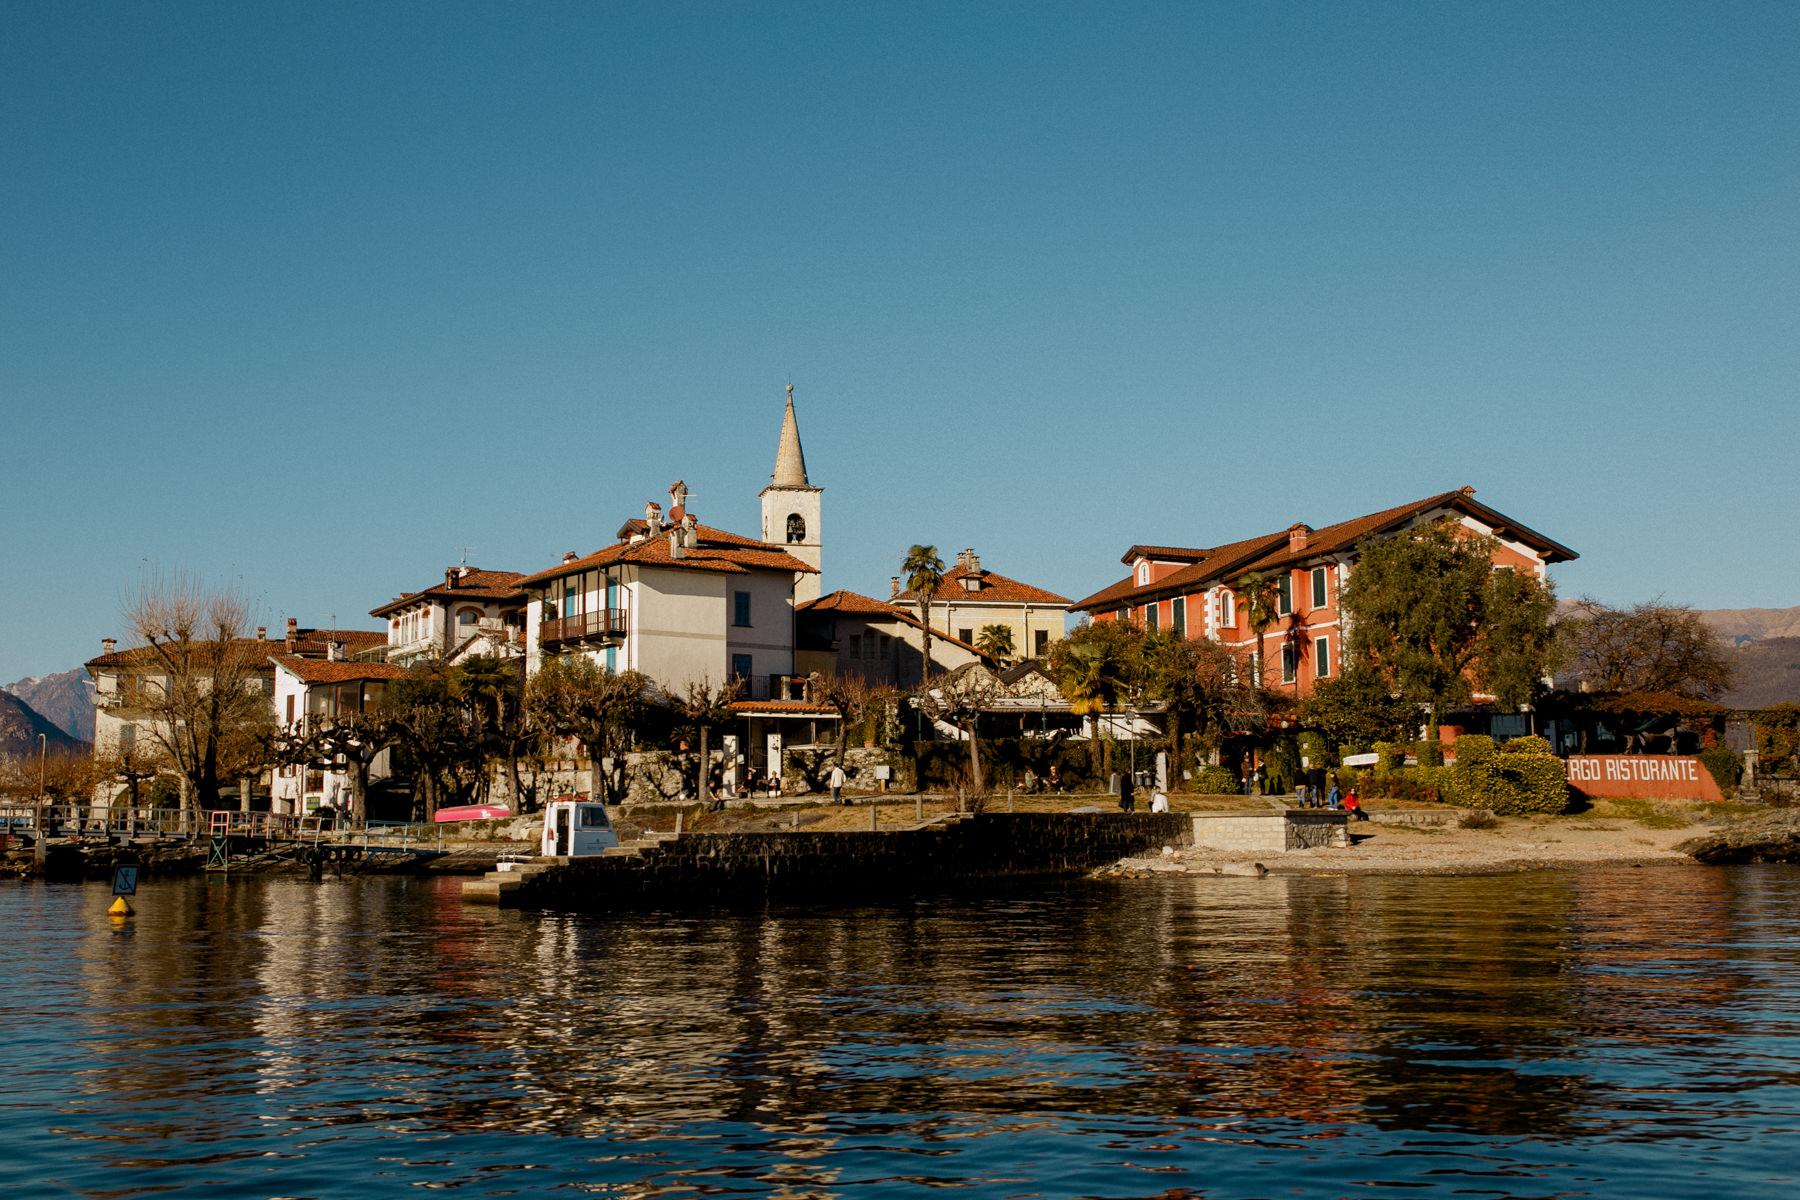 lago_maggiore_italy_liviafigueiredo_8385.jpg